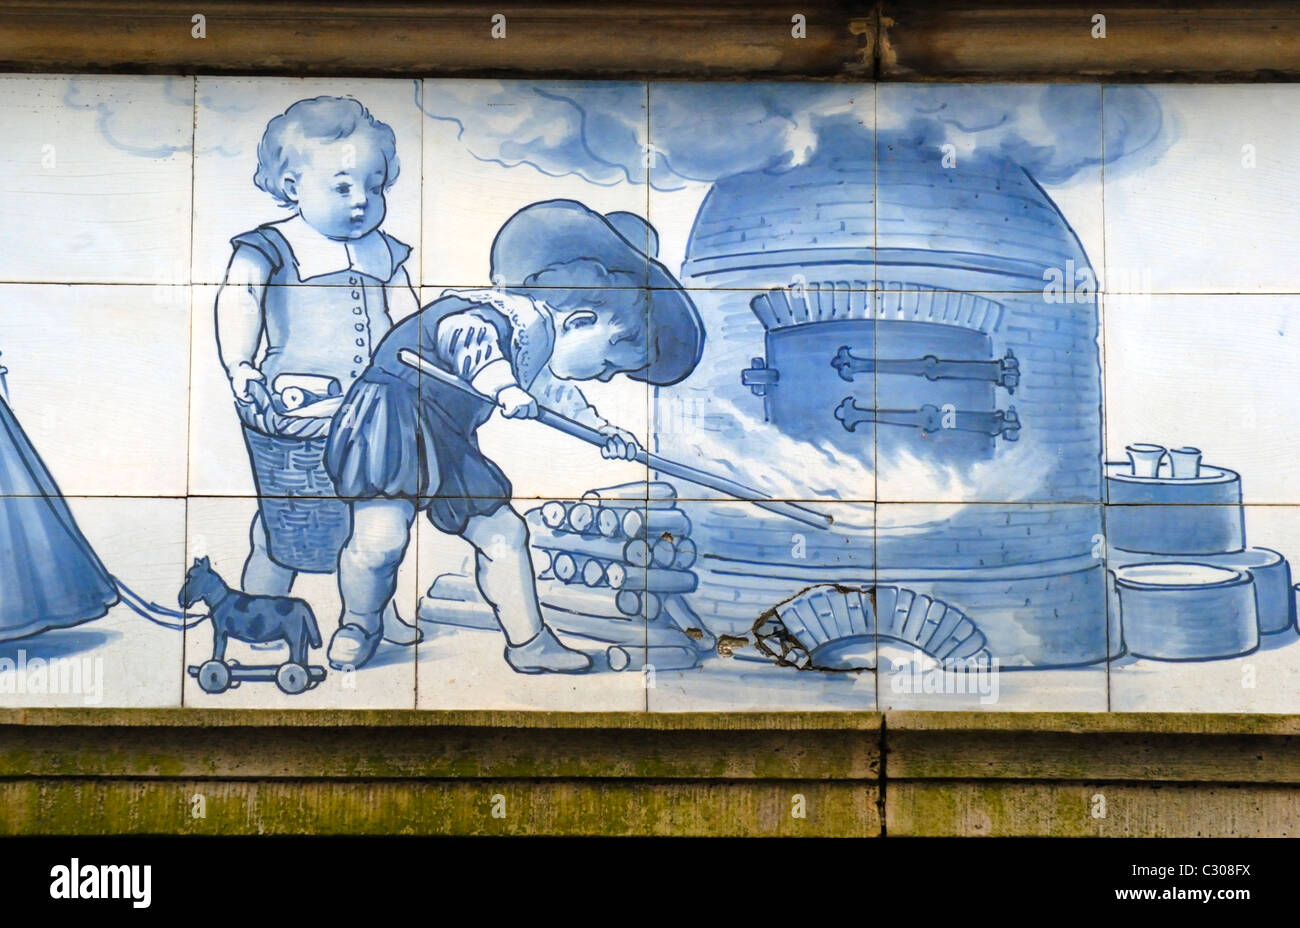 Delft paesi bassi bianco e blu delft piastrelle ceramiche sopra